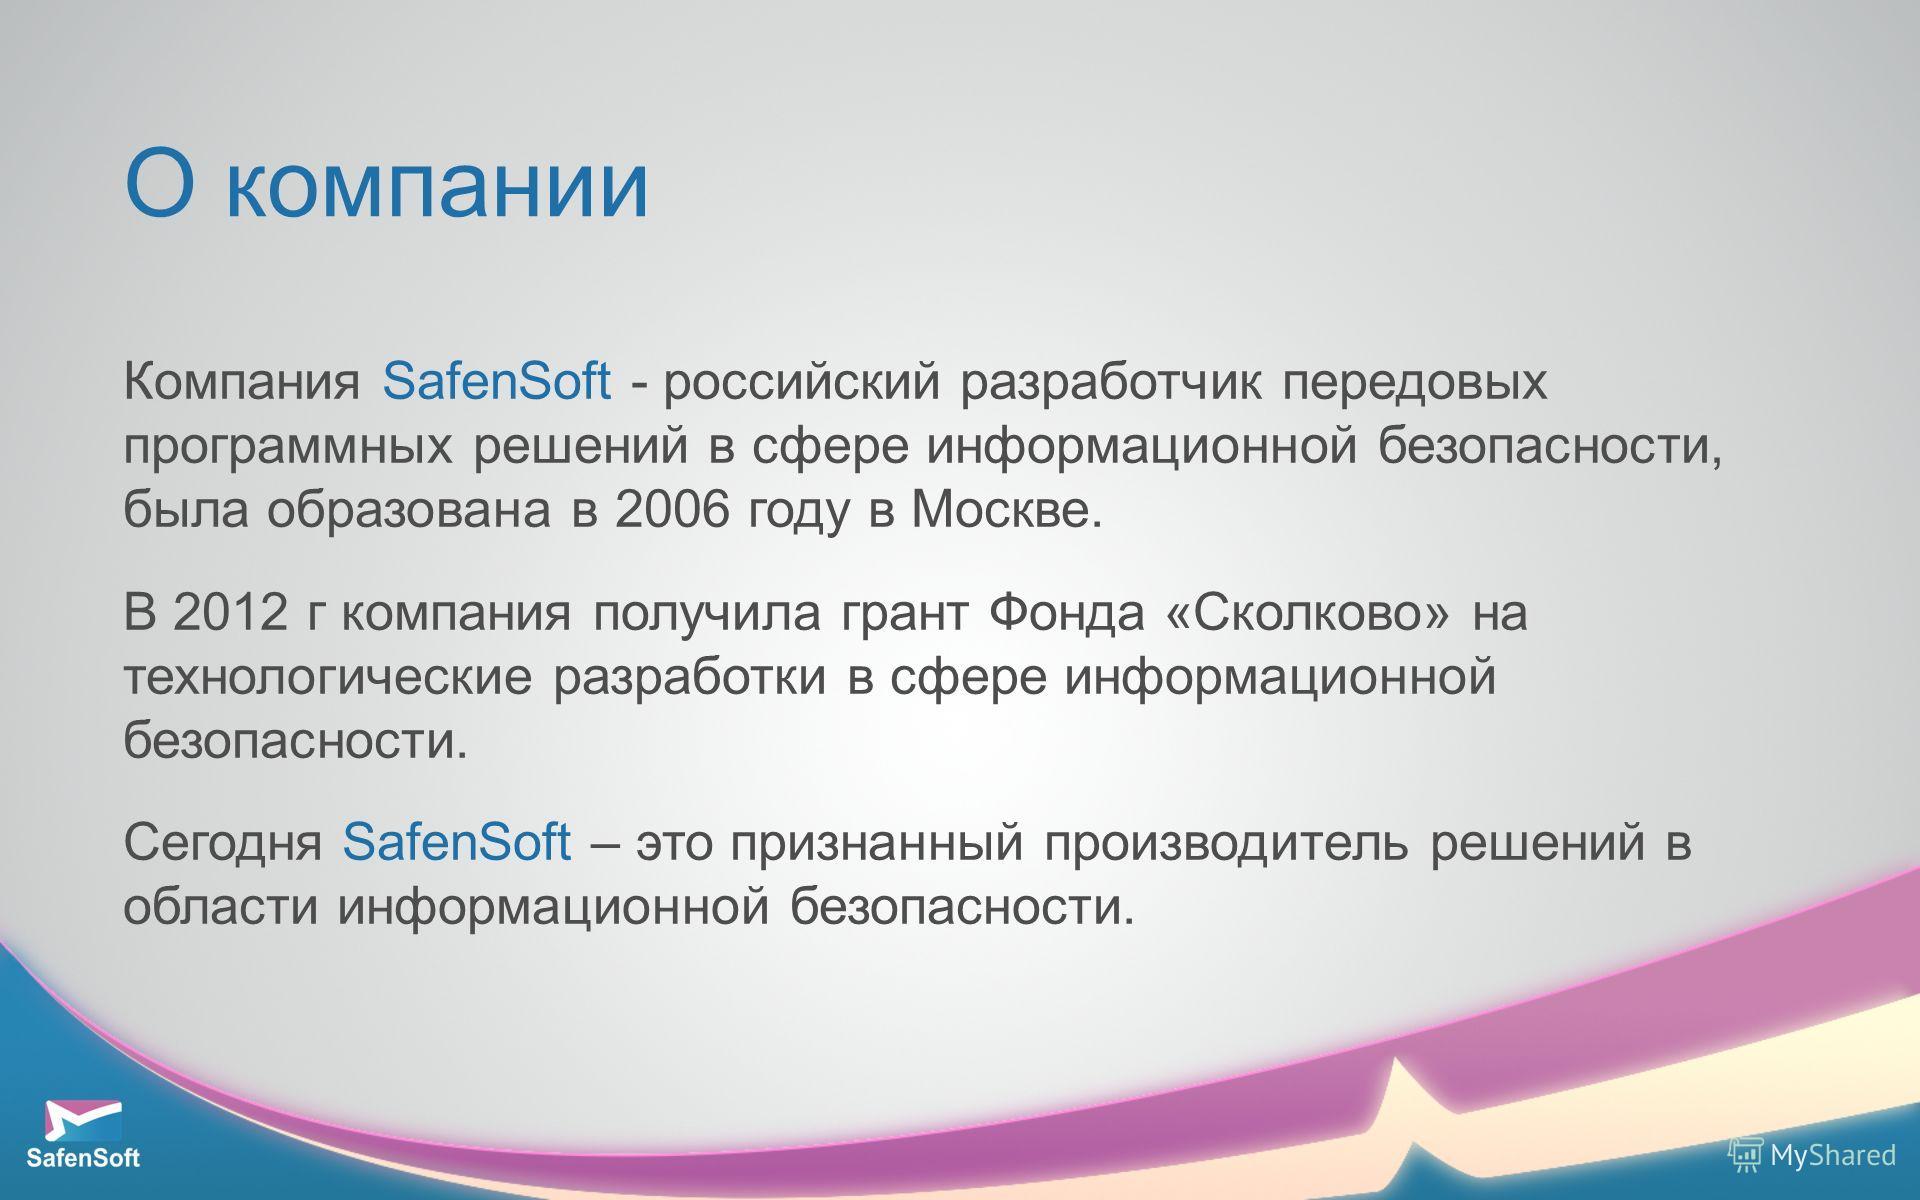 О компании Компания SafenSoft - российский разработчик передовых программных решений в сфере информационной безопасности, была образована в 2006 году в Москве. В 2012 г компания получила грант Фонда «Сколково» на технологические разработки в сфере ин